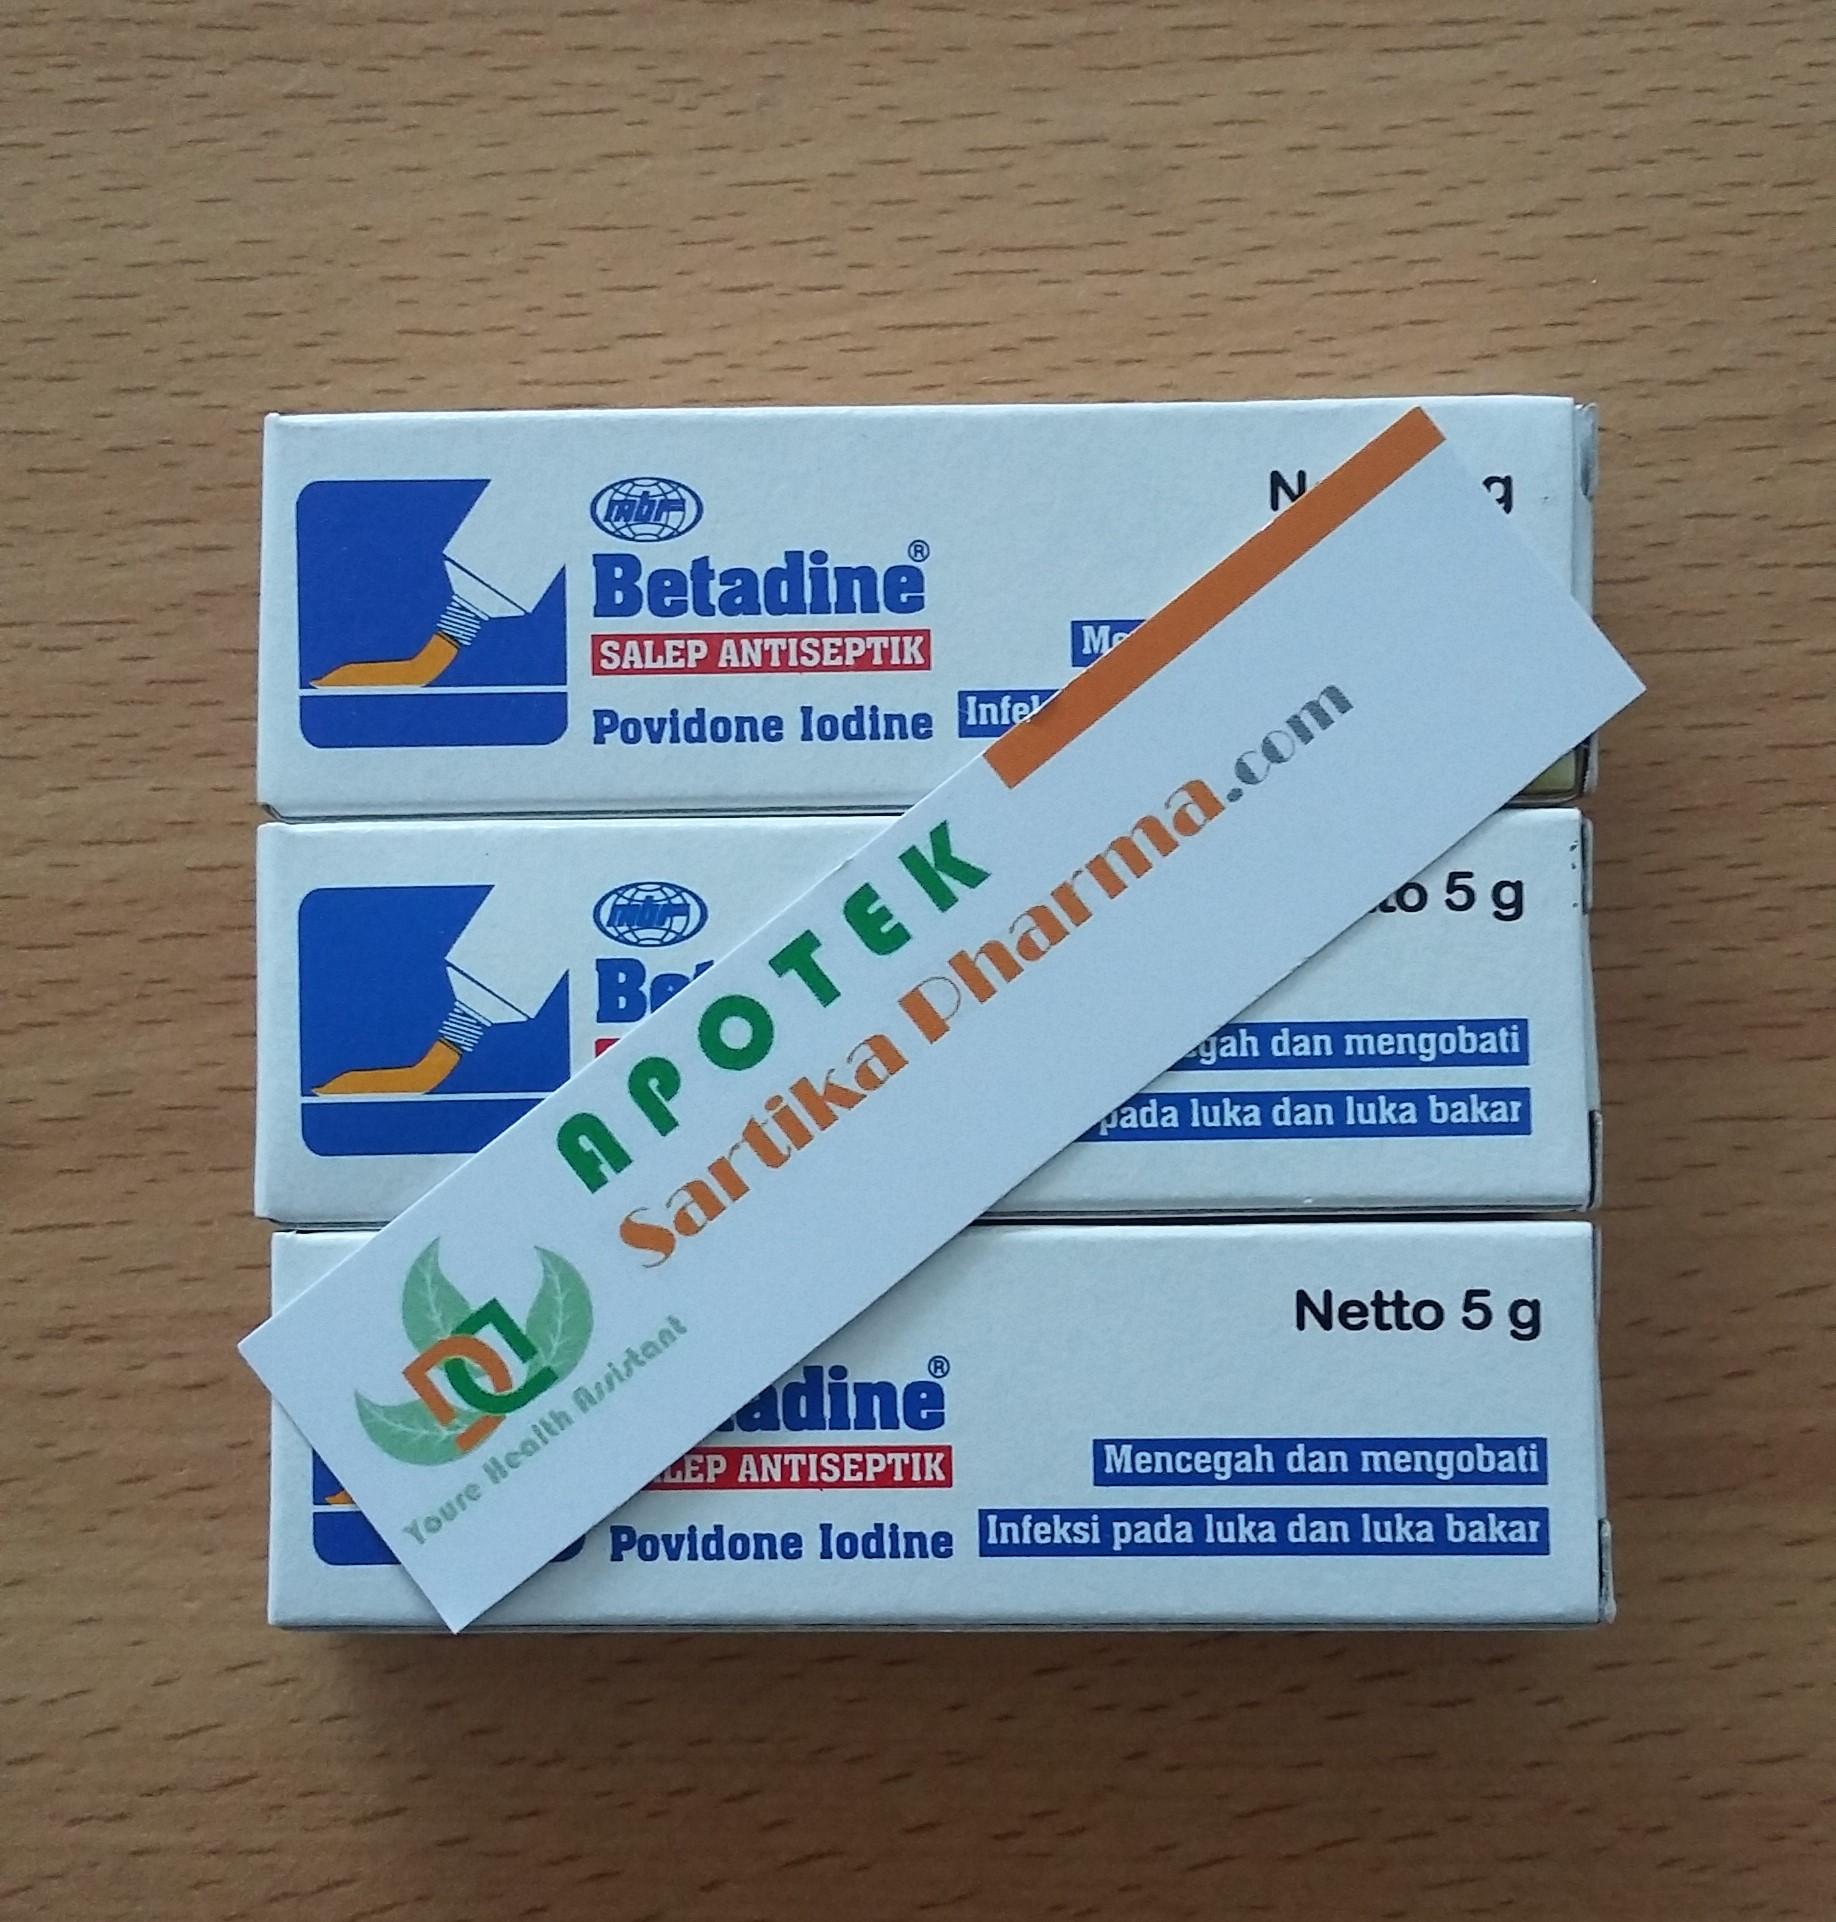 Jual Betadine Salep Antiseptik 5 Gram Teras Medis Tokopedia Kotak P3k Veta Mobil